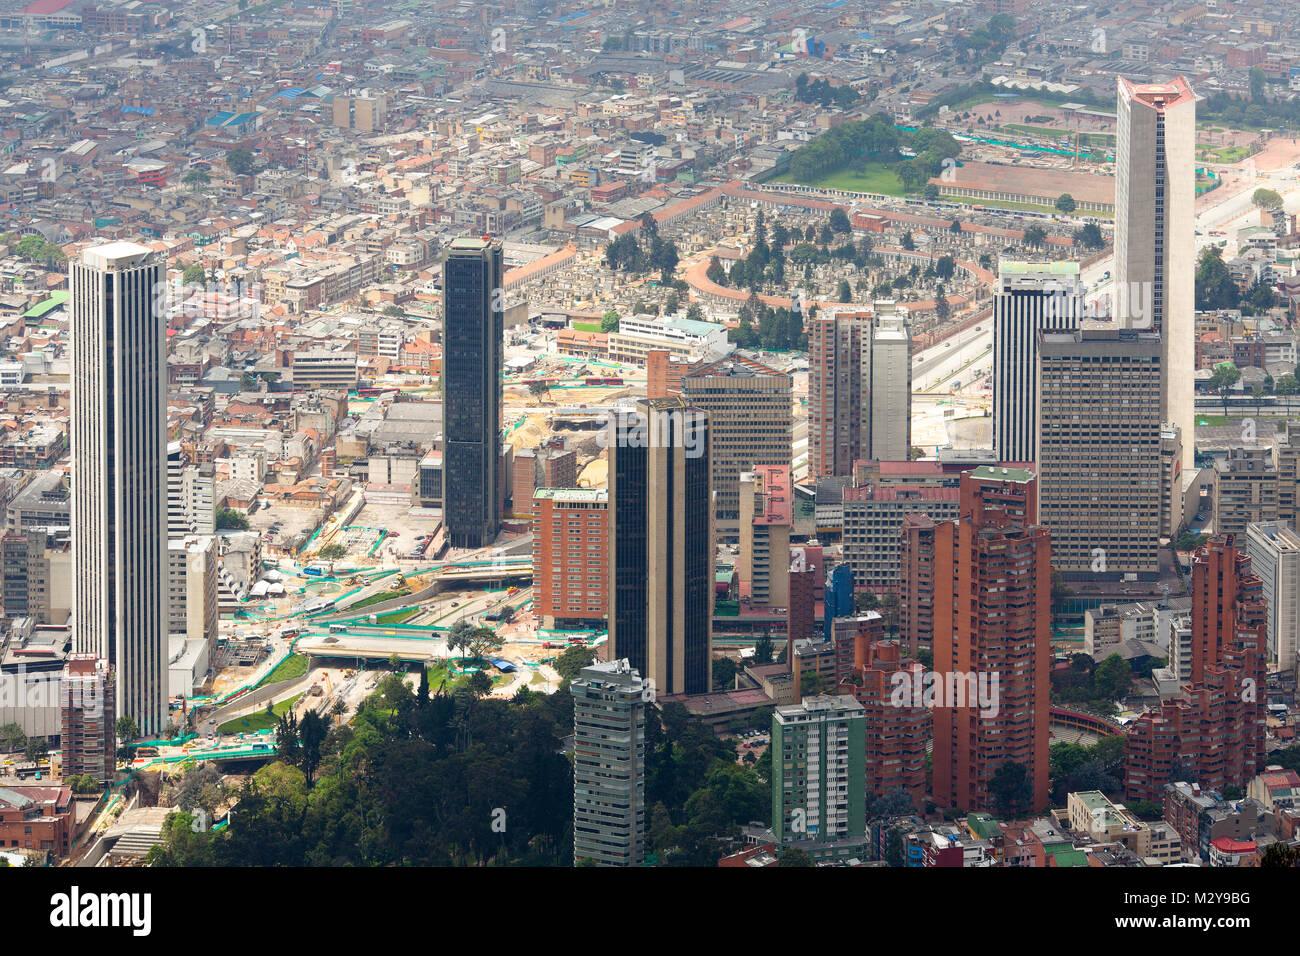 Centro Internacional de Bogotá, Colombia, Sur America Imagen De Stock